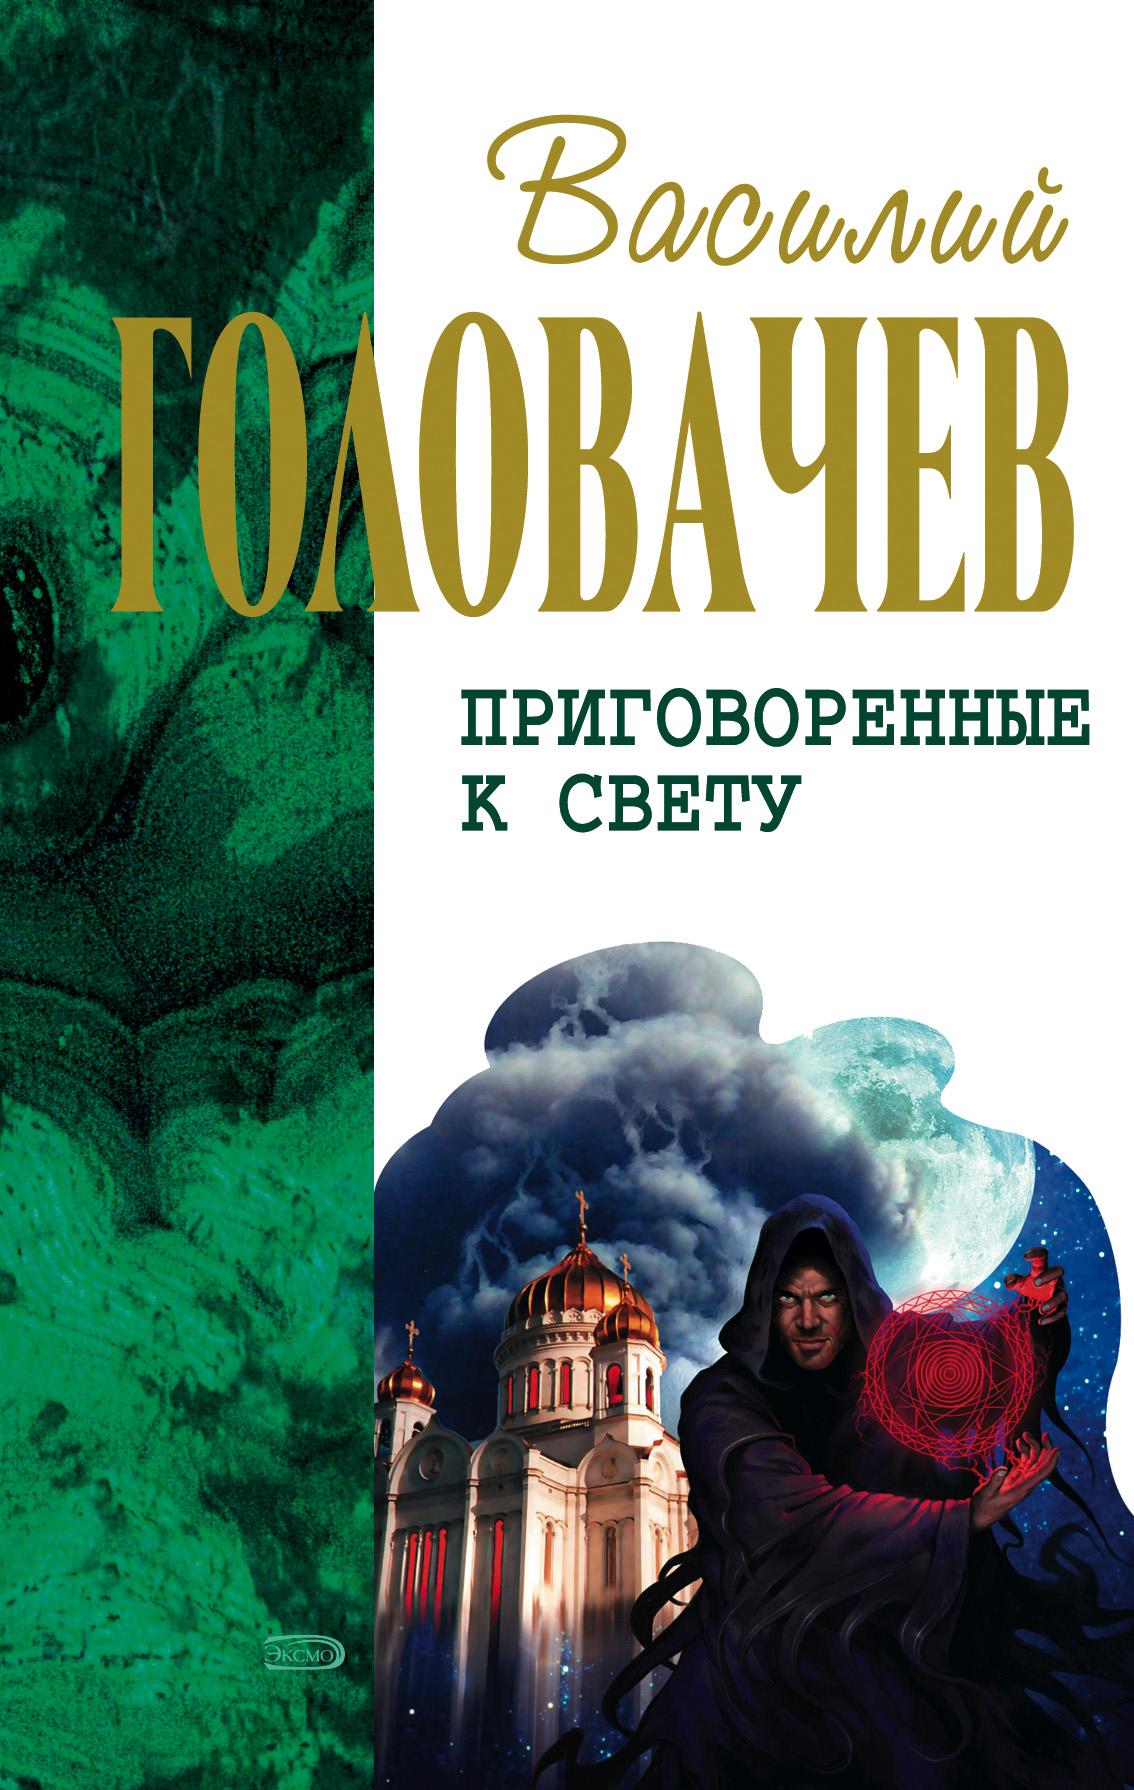 Василий Головачев Сидоров и время василий головачев век воли не видать